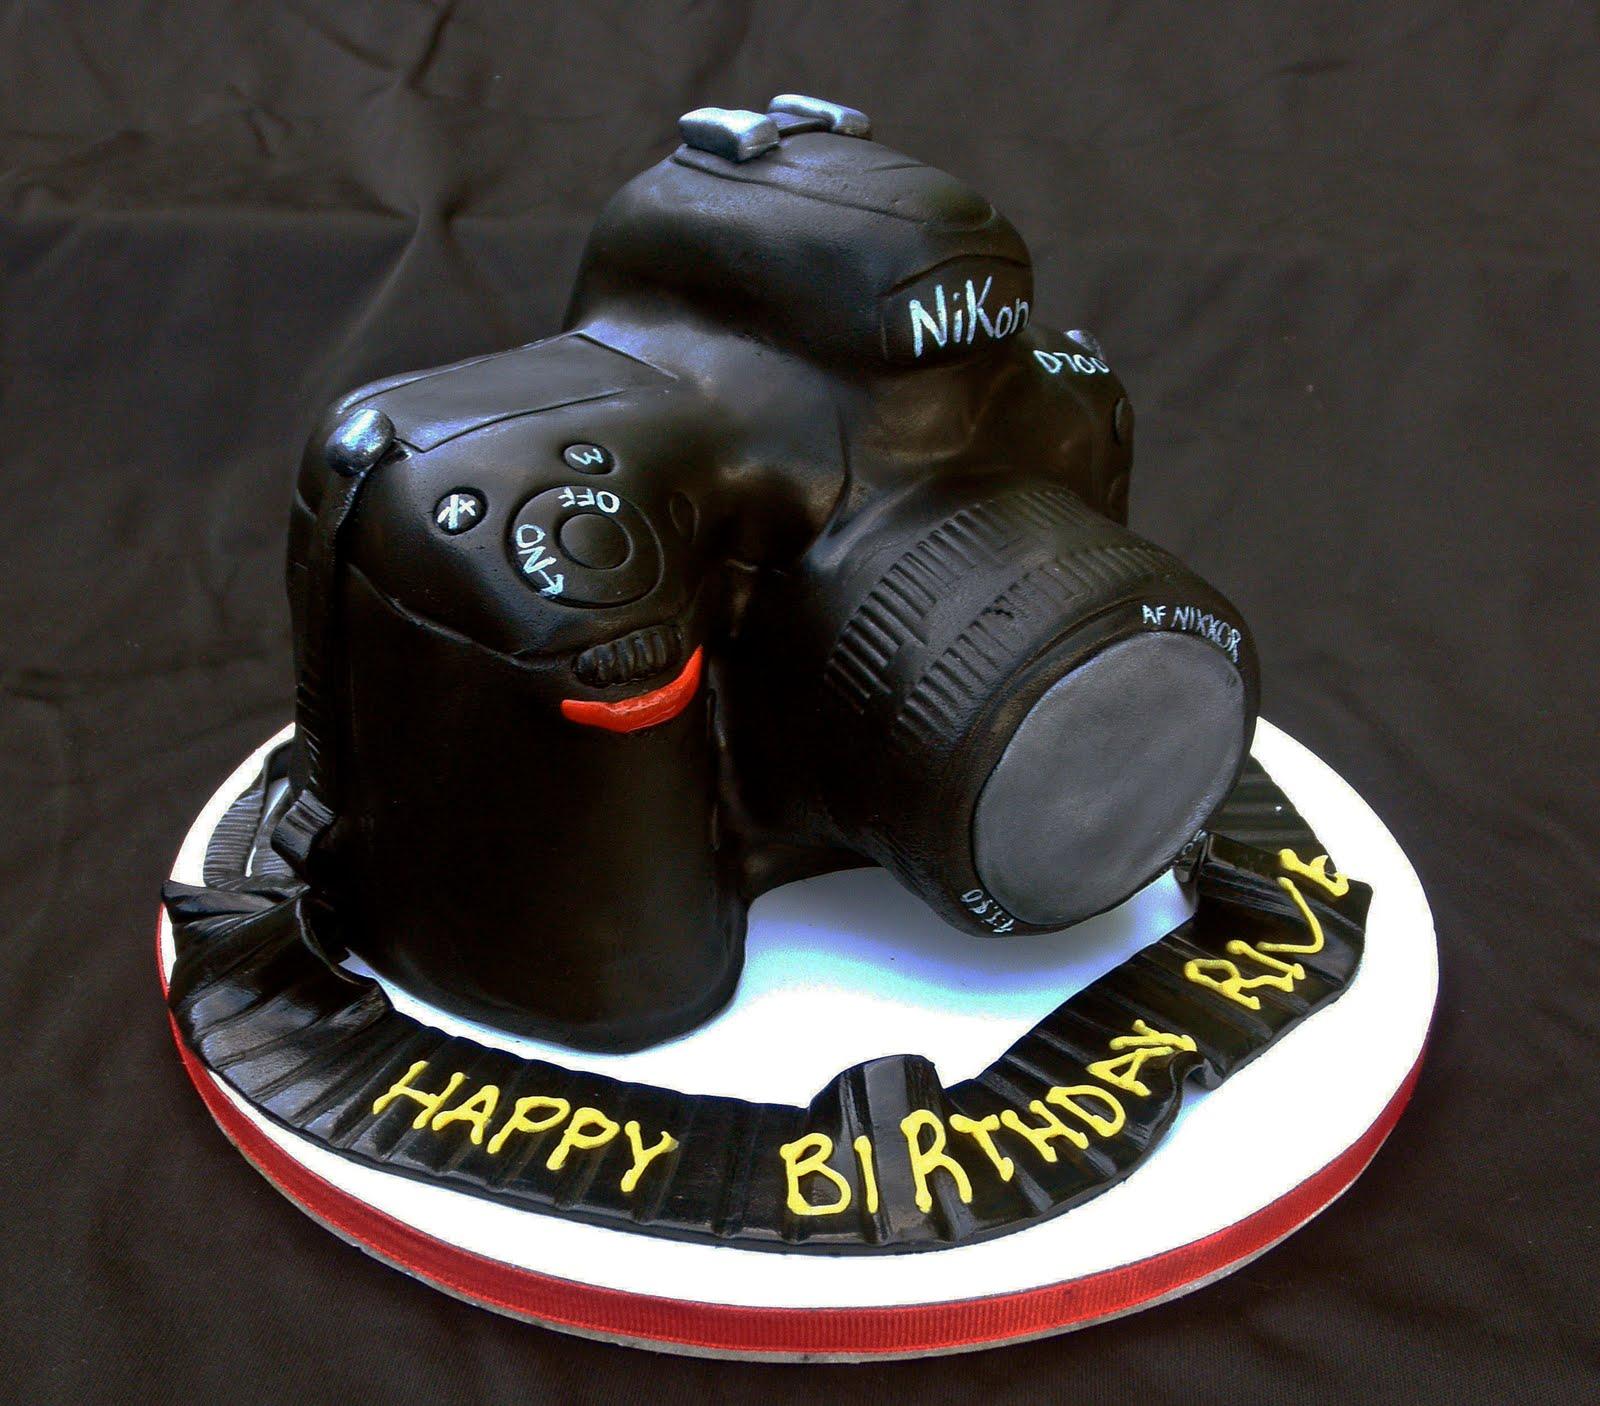 Groovy 10 Camera Cakes Design Photo Happy Birthday Camera Cake Camera Personalised Birthday Cards Sponlily Jamesorg